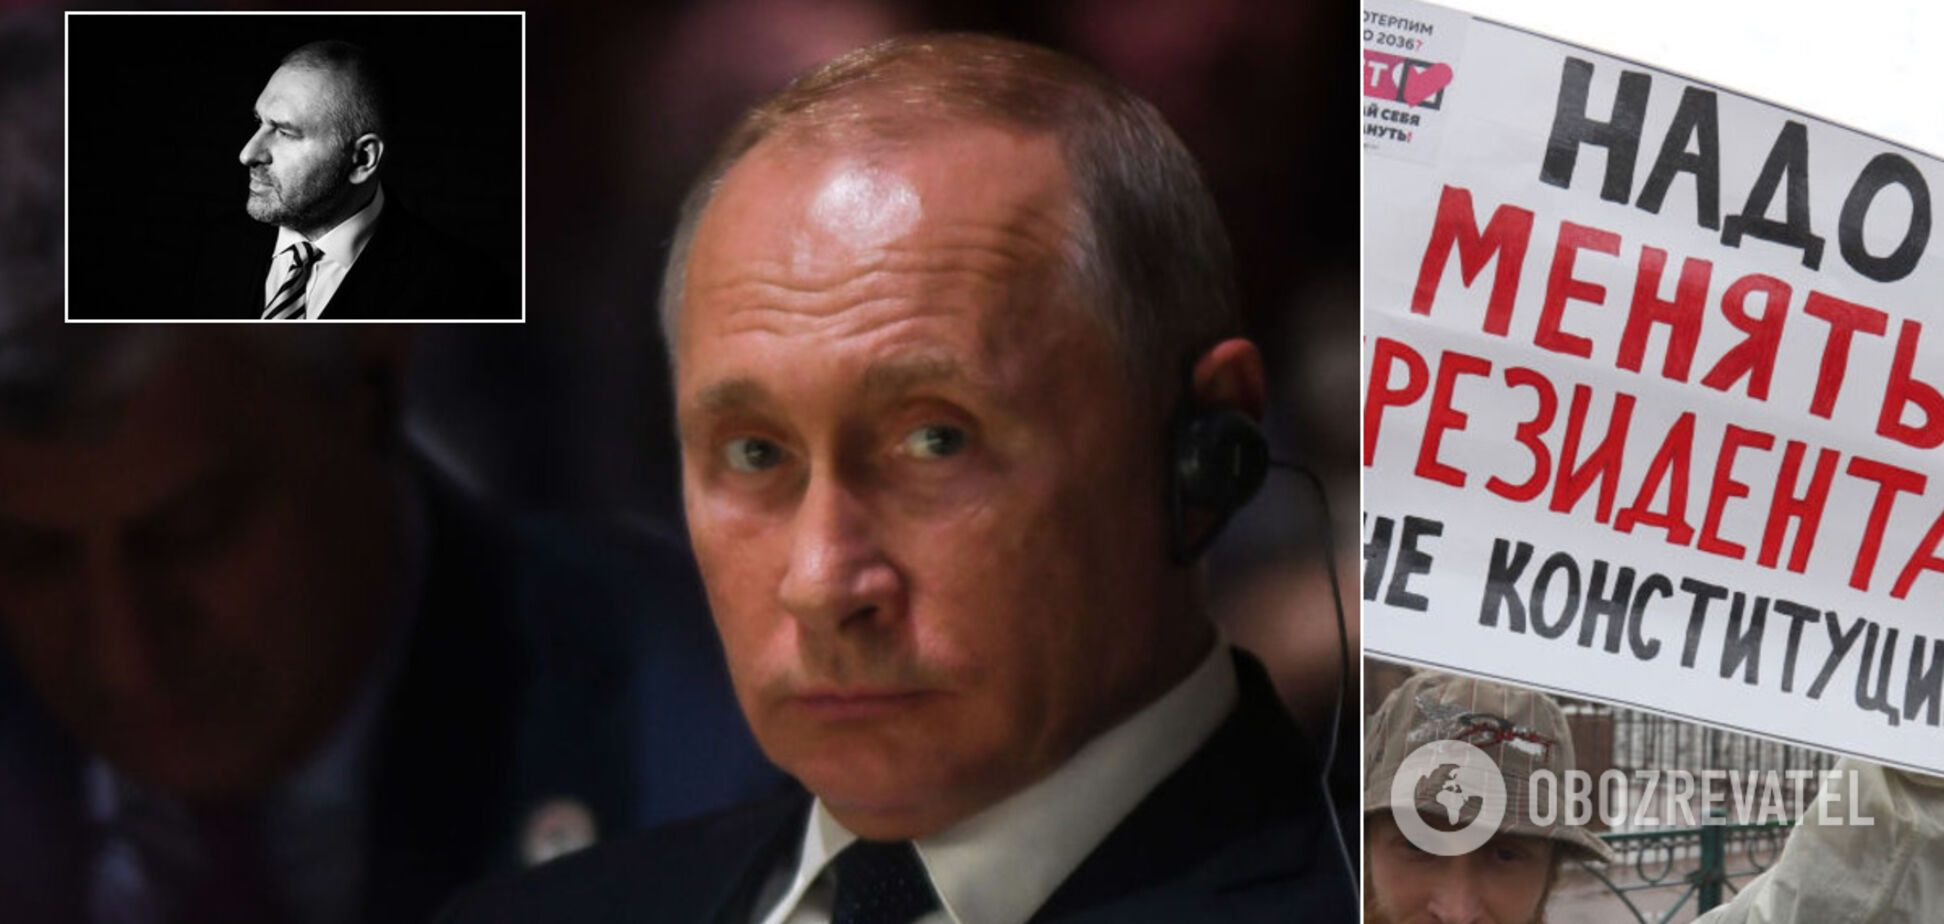 Вечный Путин – это не к добру, его будут снимать из ненависти и мести, – Фейгин